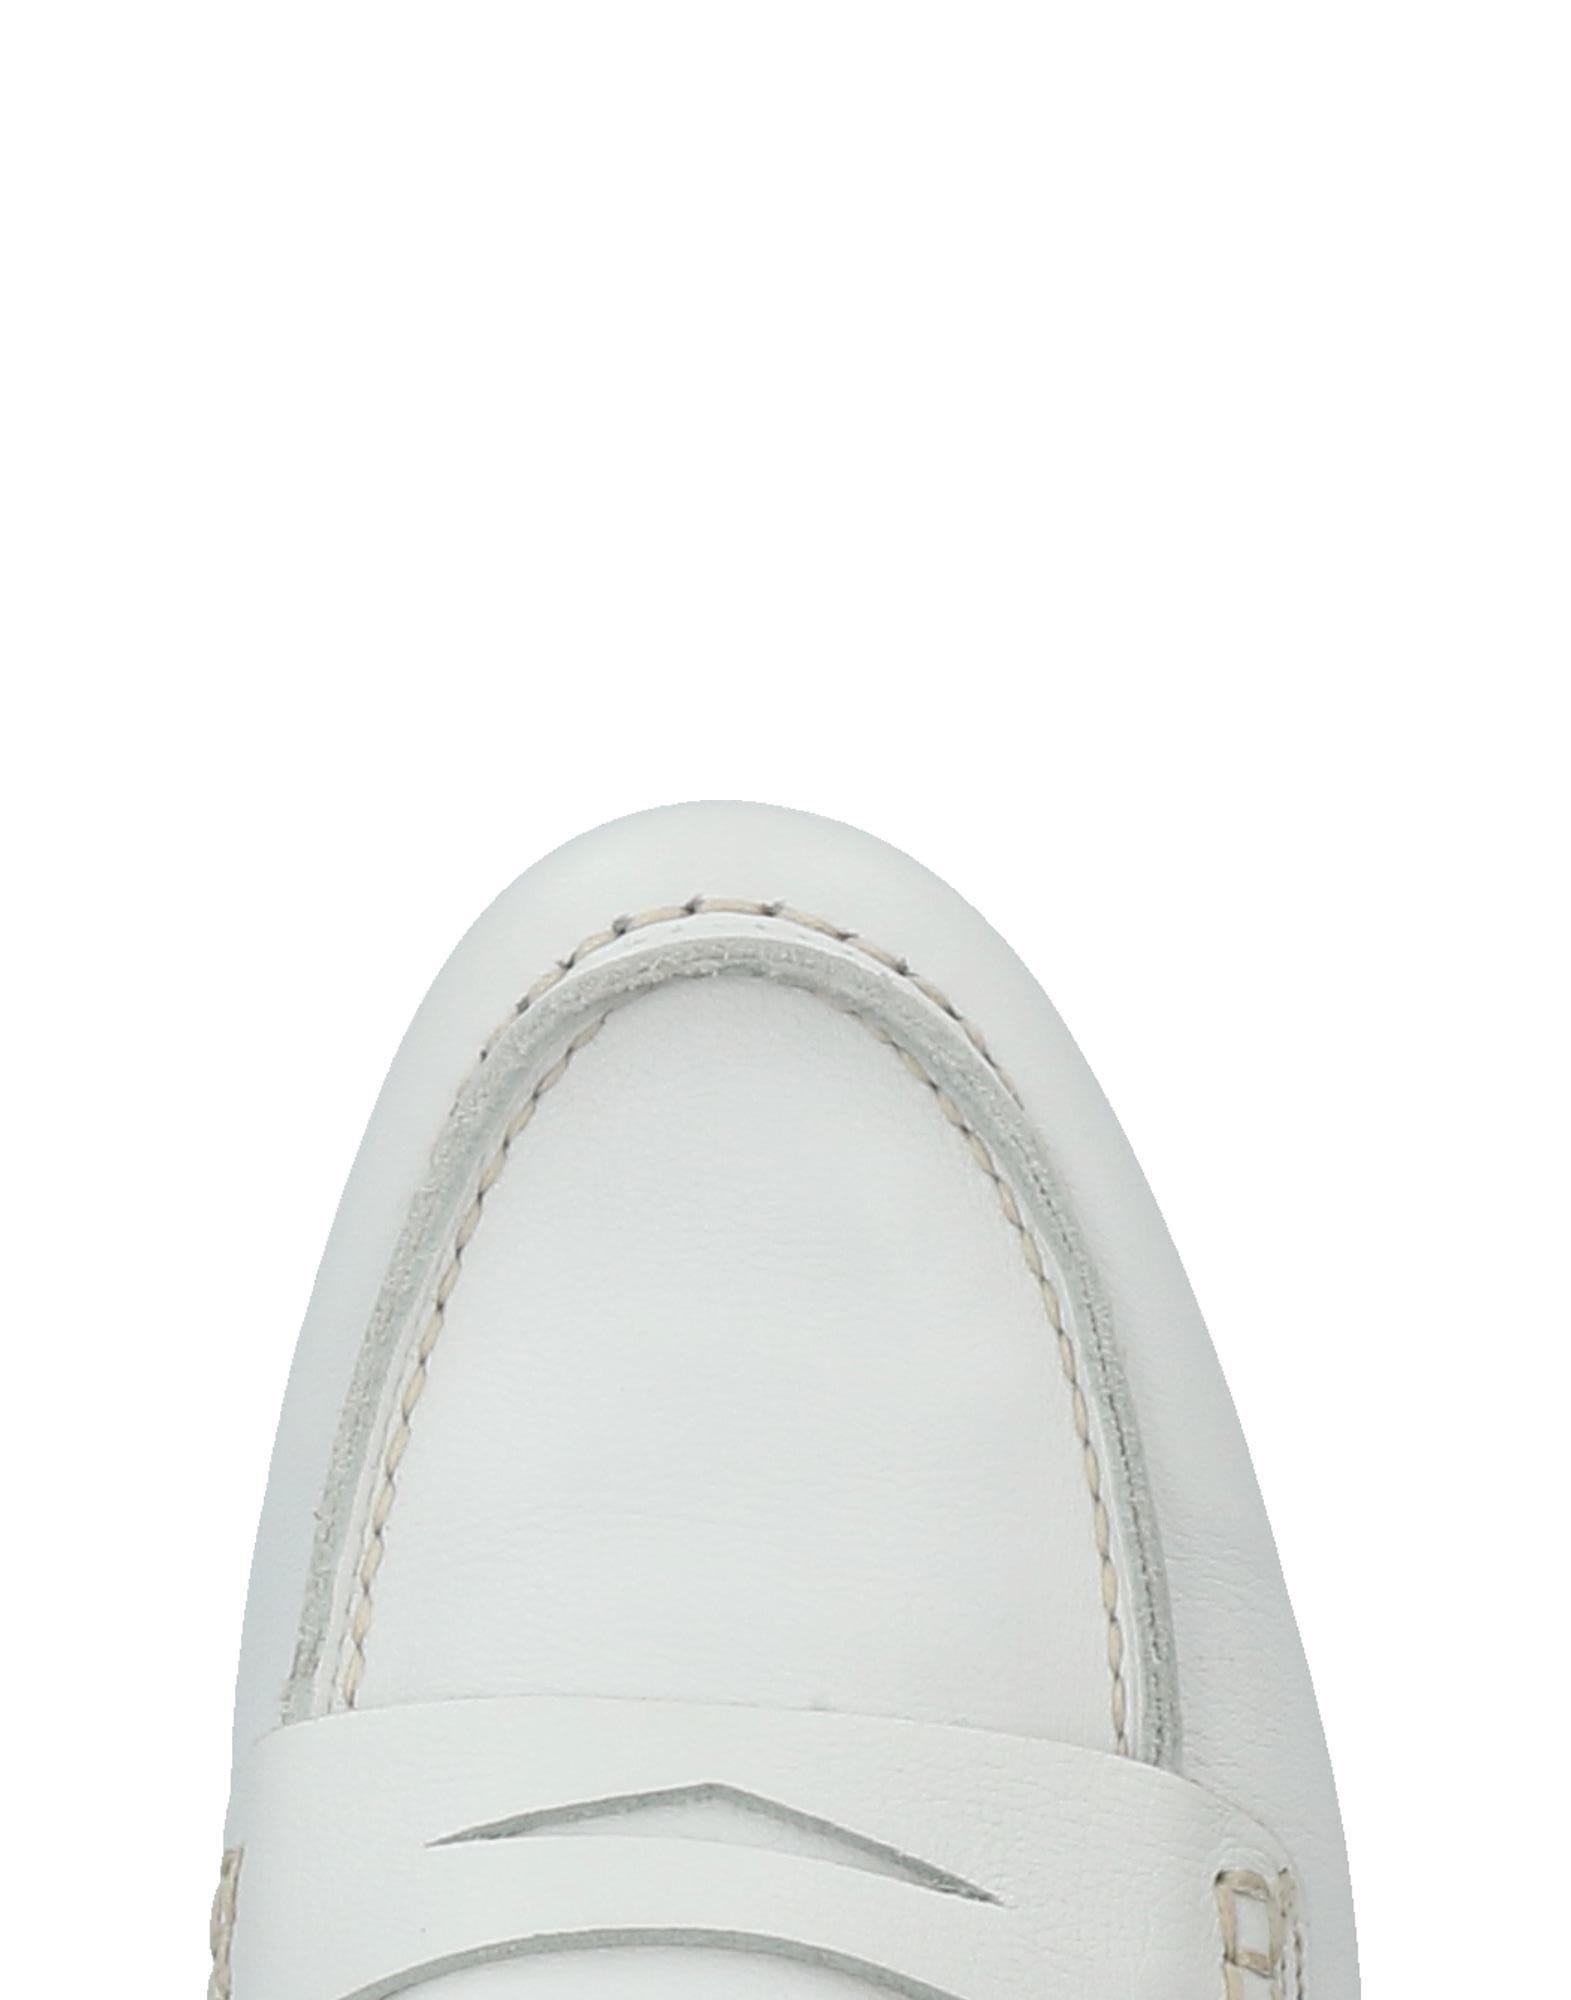 Zanfrini Cantù Mokassins Damen  11432988RD Gute Qualität beliebte Schuhe